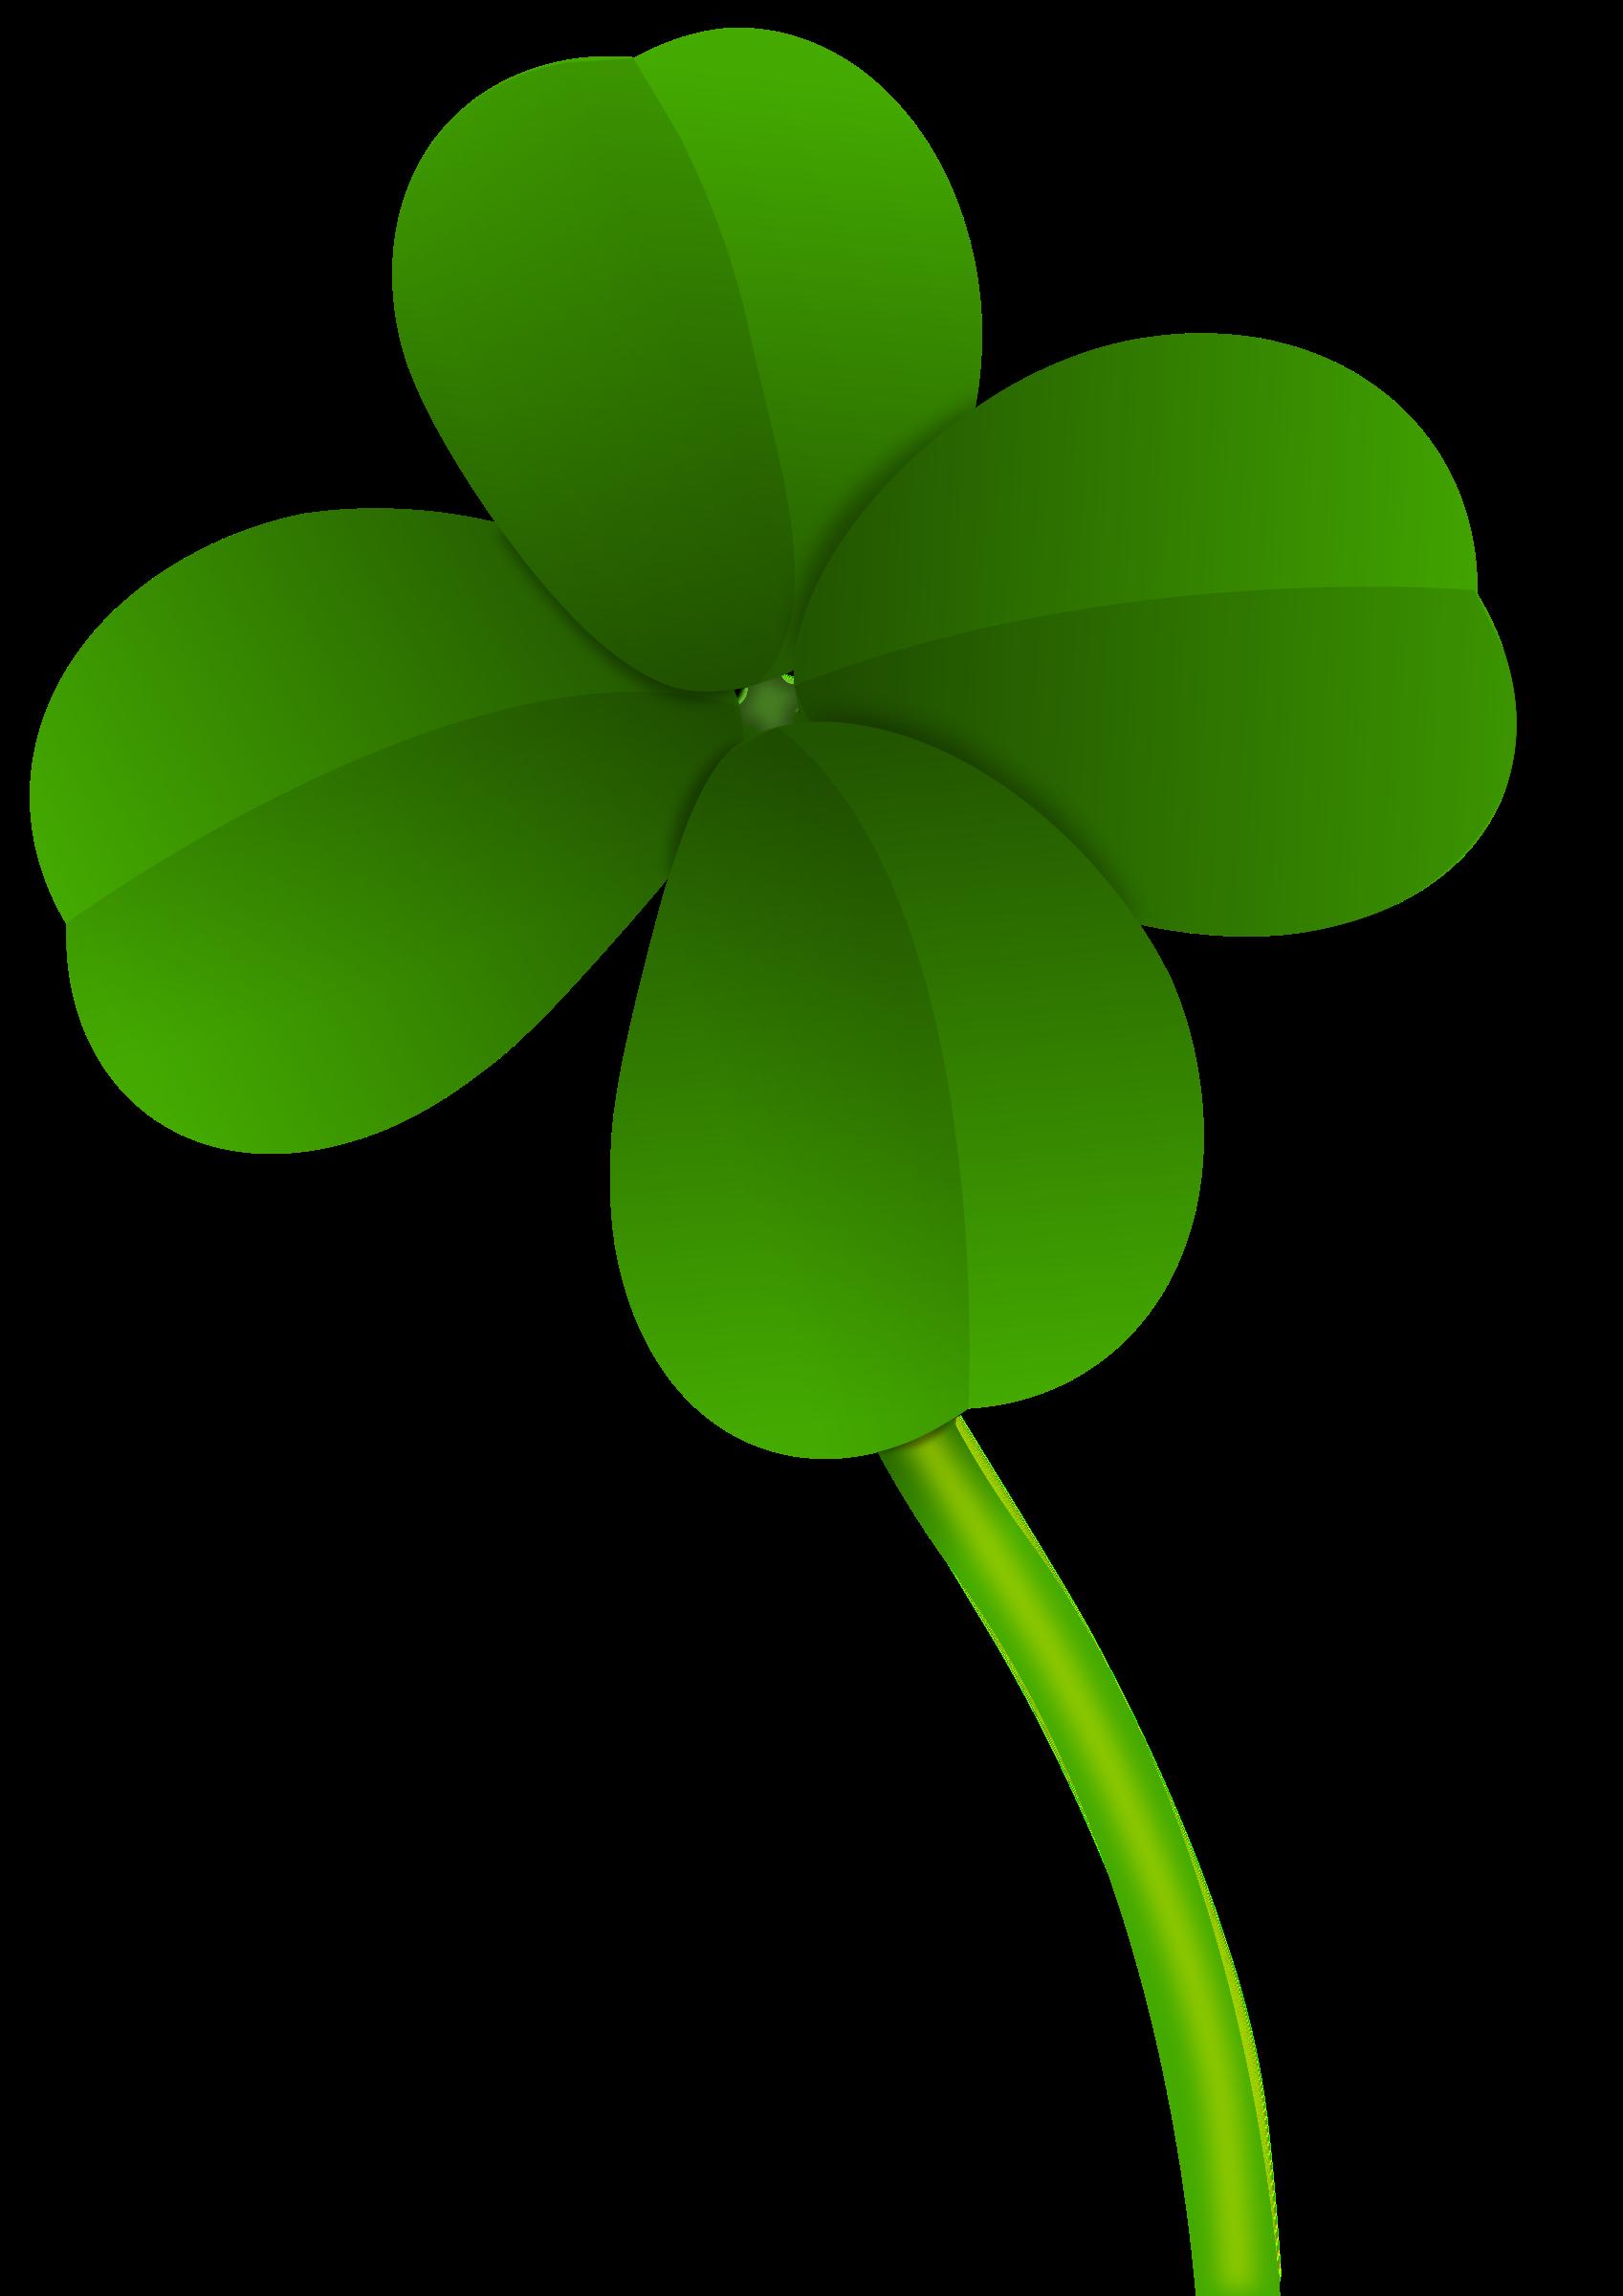 Clover pictures leaf 4